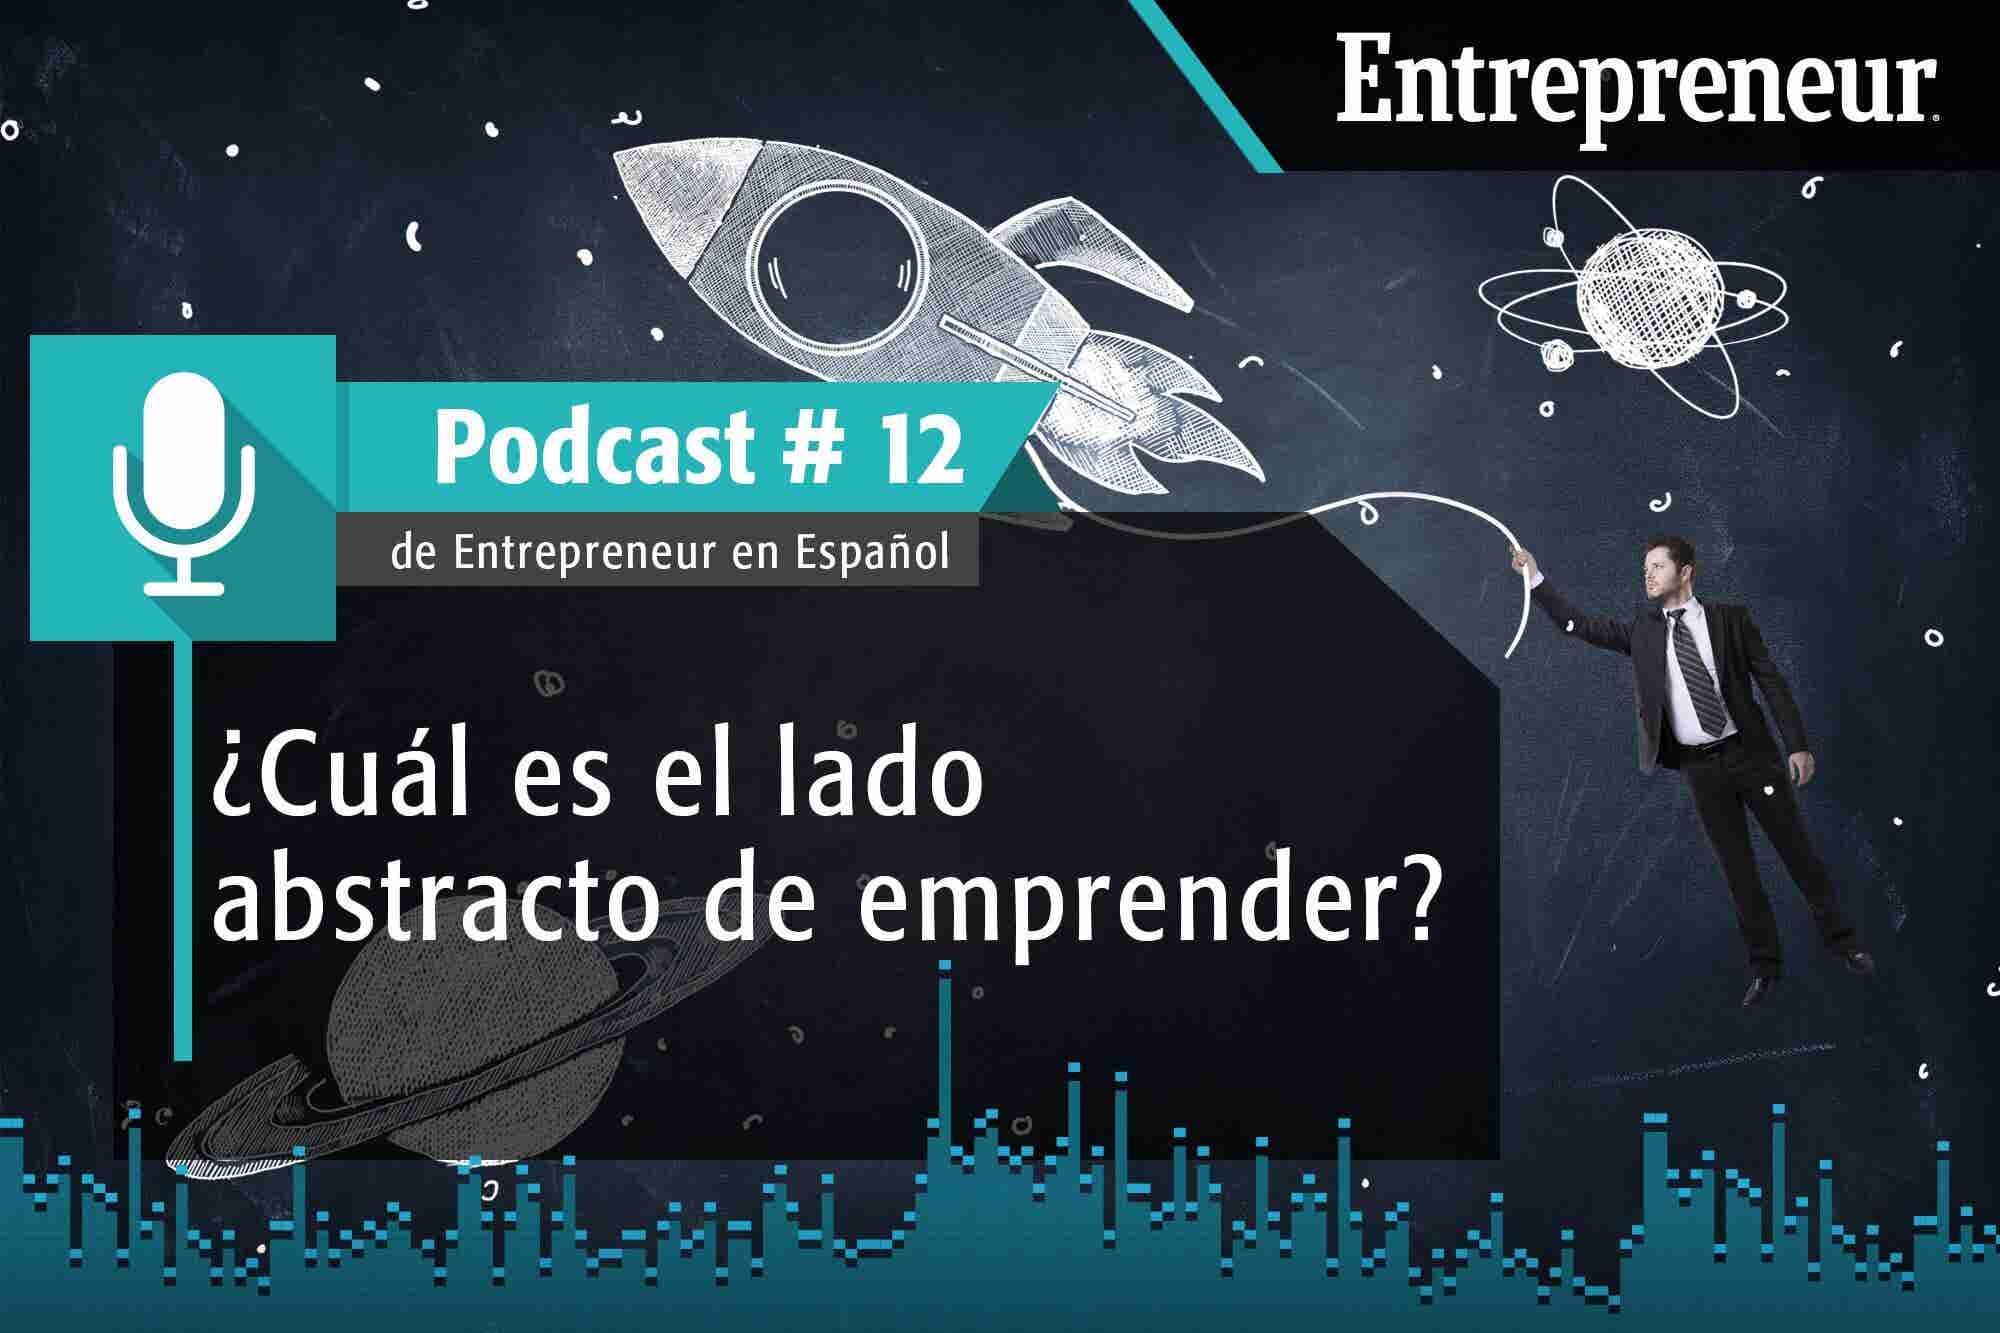 Podcast Entrepreneur # 12: ¿Cuál es el lado abstracto de emprender? Daniel Gómez lo revela